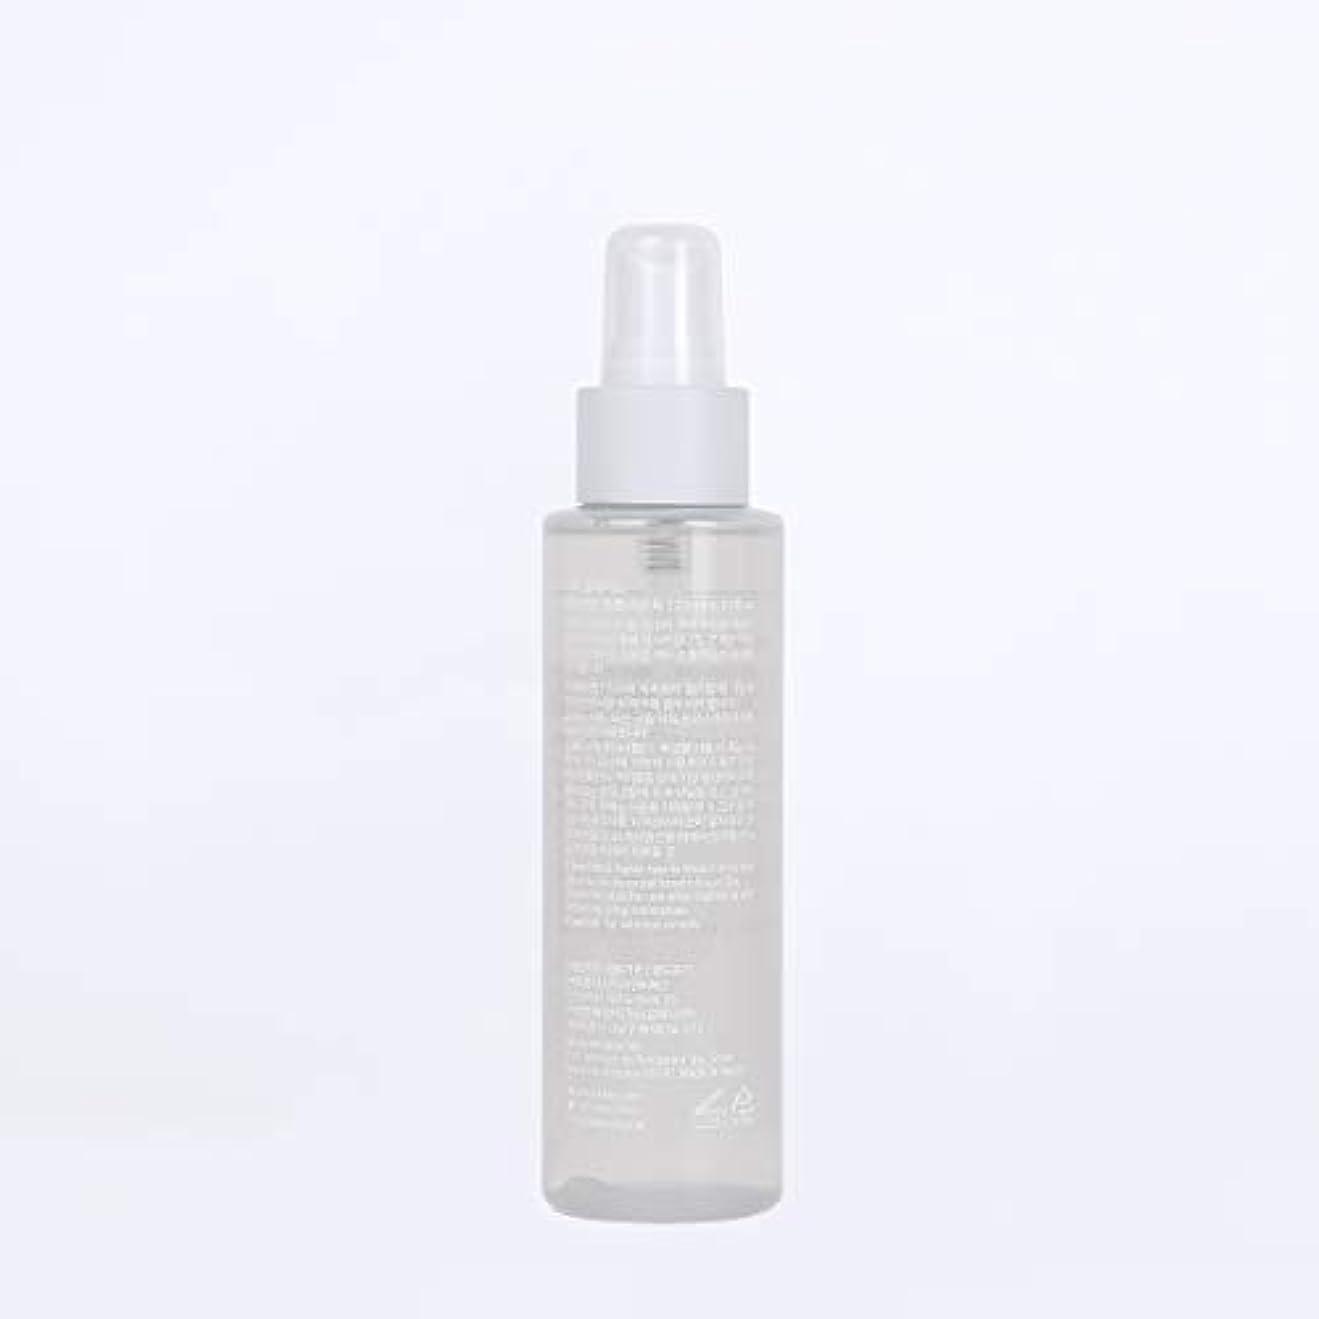 【クレアス(Klairs)】ファンダメンタルアンプルミスト, Fundamental Ampule Mist, 125ml [並行輸入品]